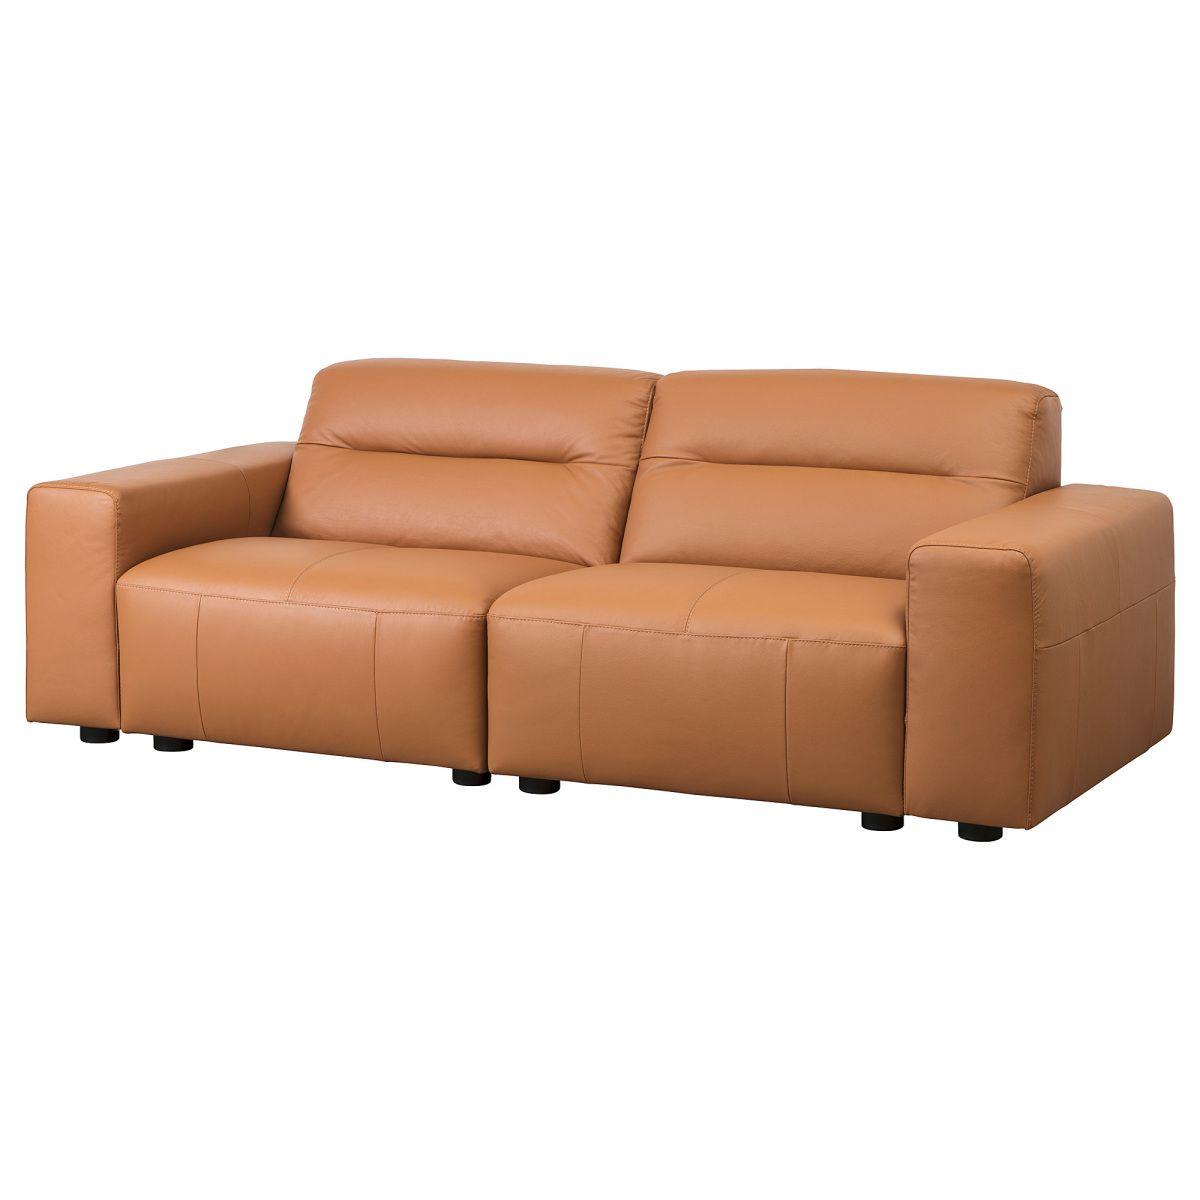 Snogge 2er Sofa Grann Goldbraun Goldbraun Jetzt Bestellen Unter Https Moebel Ladendirekt De Wohnzimmer Sofas 2 Und 3 Sitzer S 2er Sofa Sofa 3 Sitzer Sofa